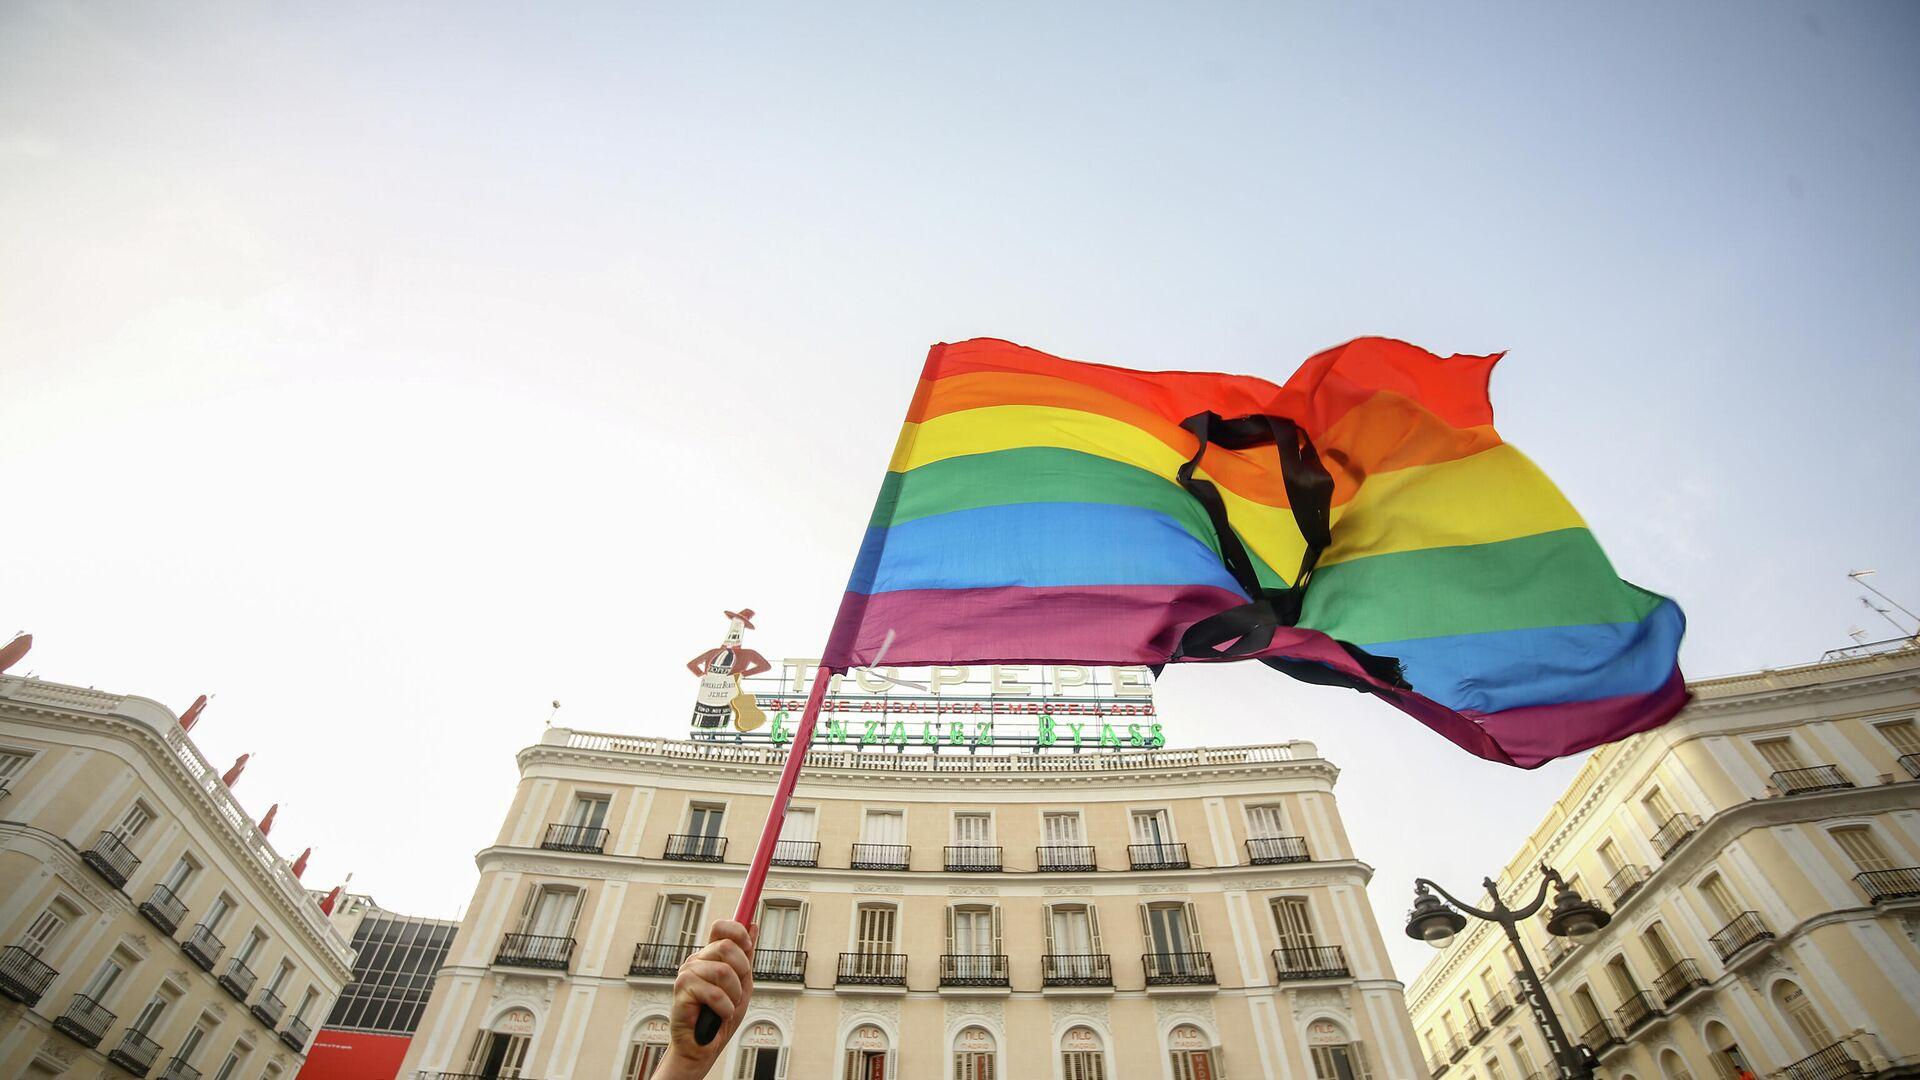 Una bandera LGBTI en una protesta contra homofobia en Madrod, España - Sputnik Mundo, 1920, 13.07.2021